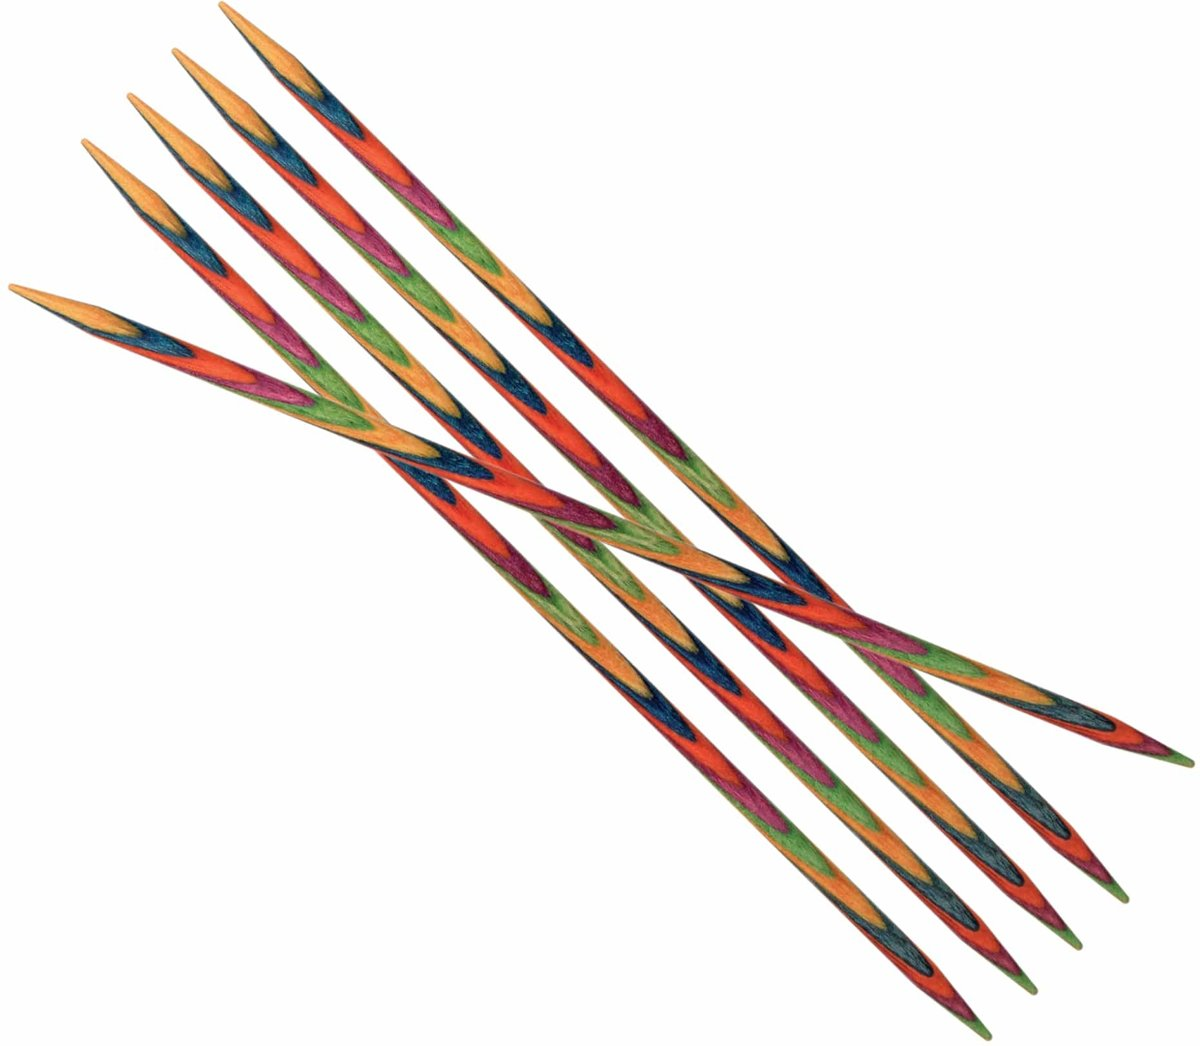 KnitPro Symfonie Sokkennaalden 15 cm 3.00 mm kopen